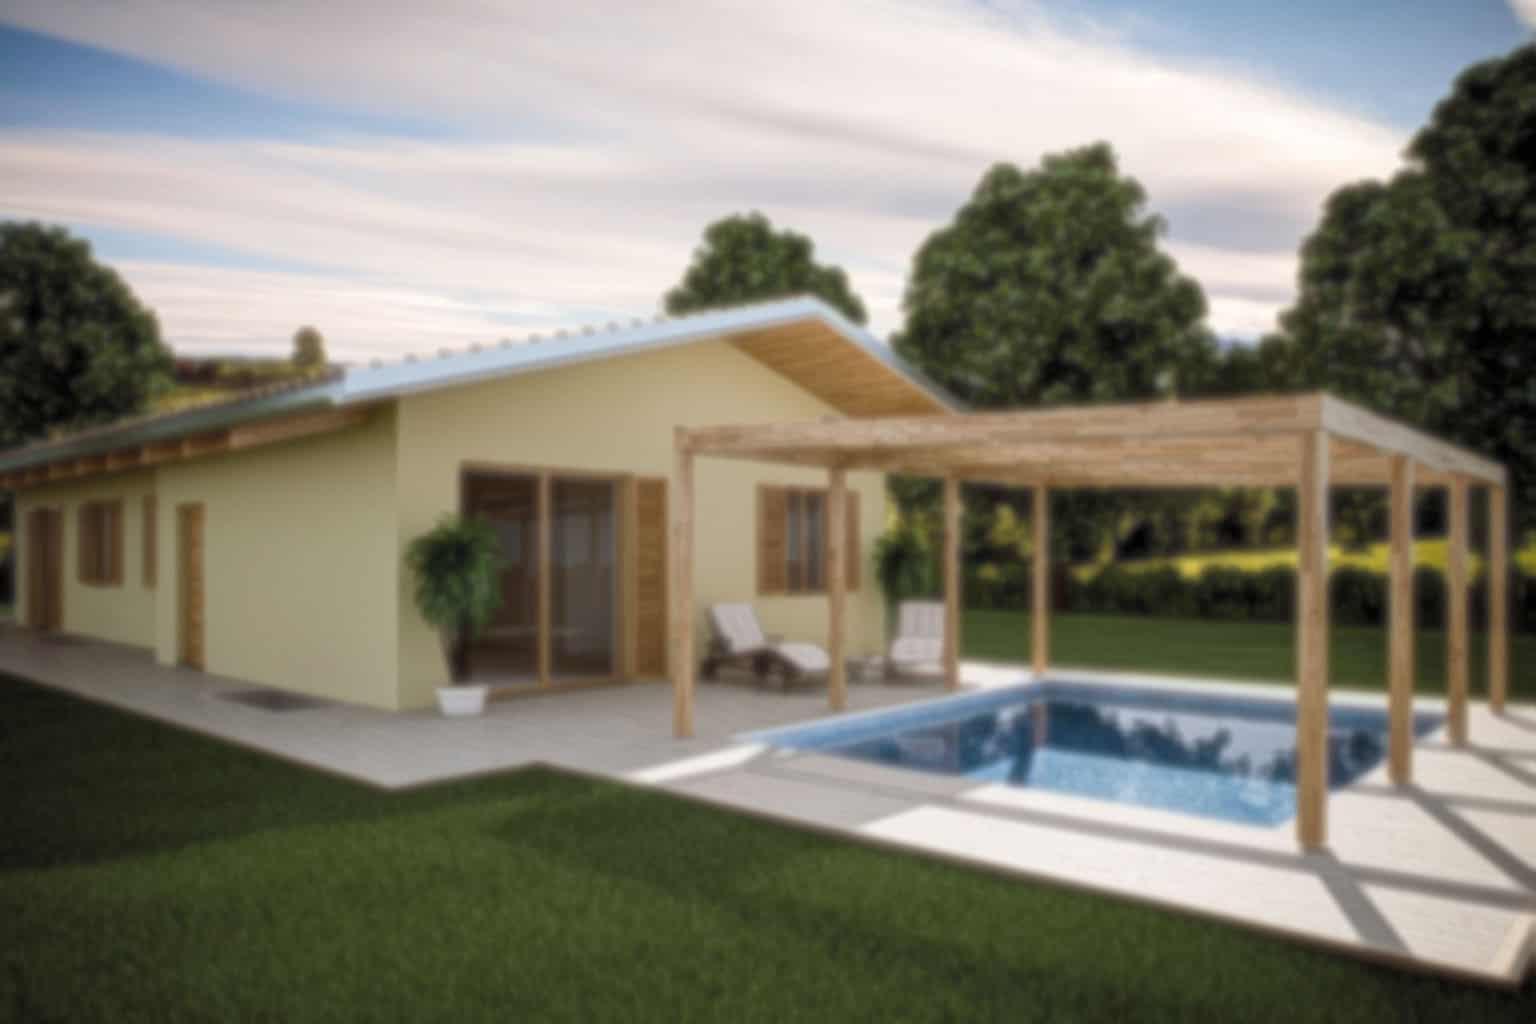 Case in vendita e affitto a piacenza centro servizi - Casa it valutazione immobili ...